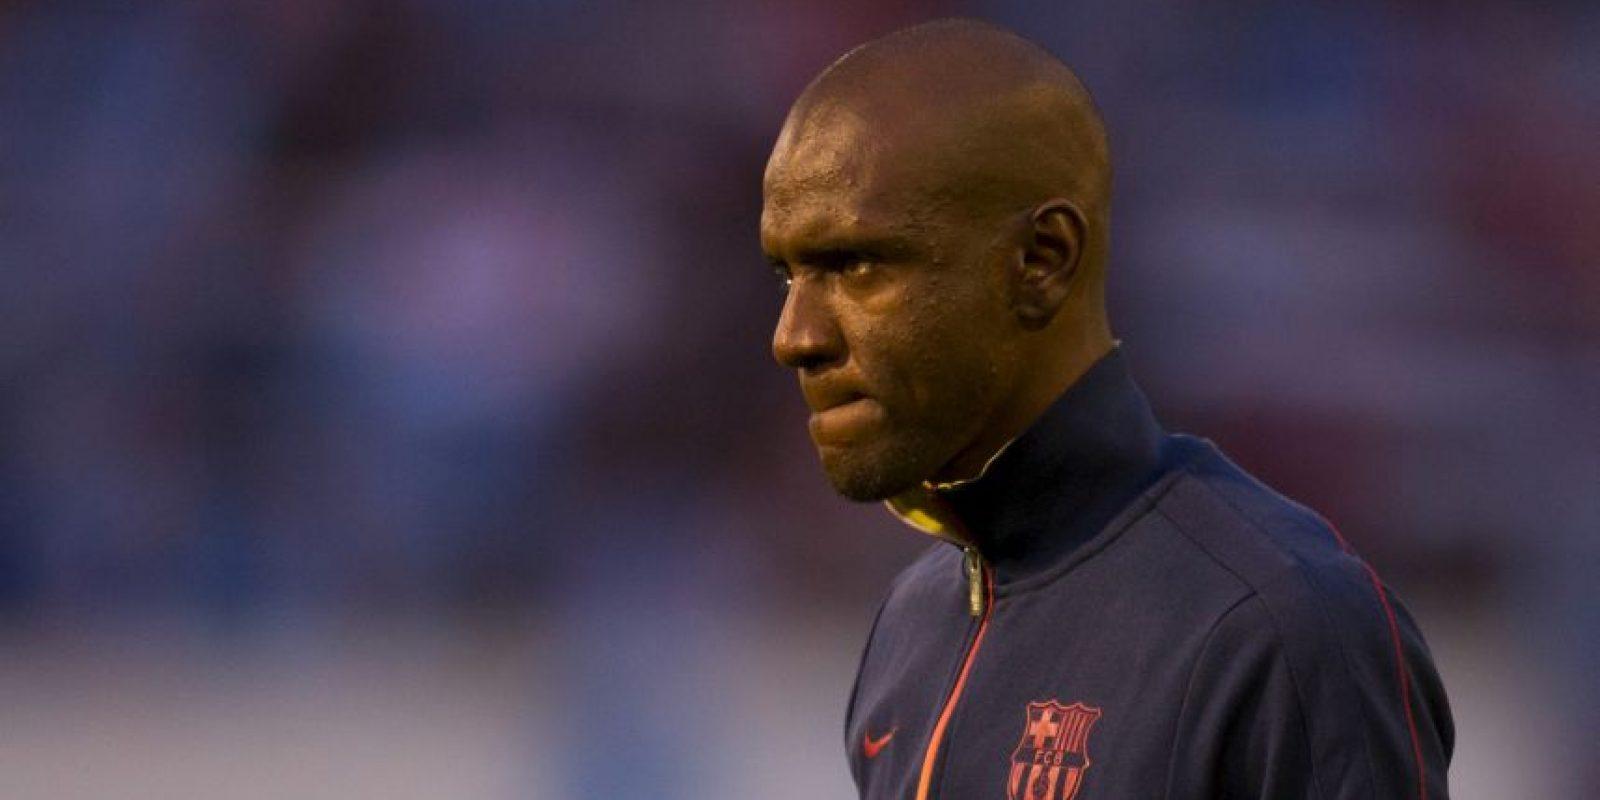 En marzo de 2011 el propio Barça fue el encargado de informar que Abidal sufría un tumor en el hígado: El mismo jugador fue al vestidor del equipo para ¡animar a sus cumpañeros! En realidad, todos estaban en shock por la noticia. Foto:Getty Images